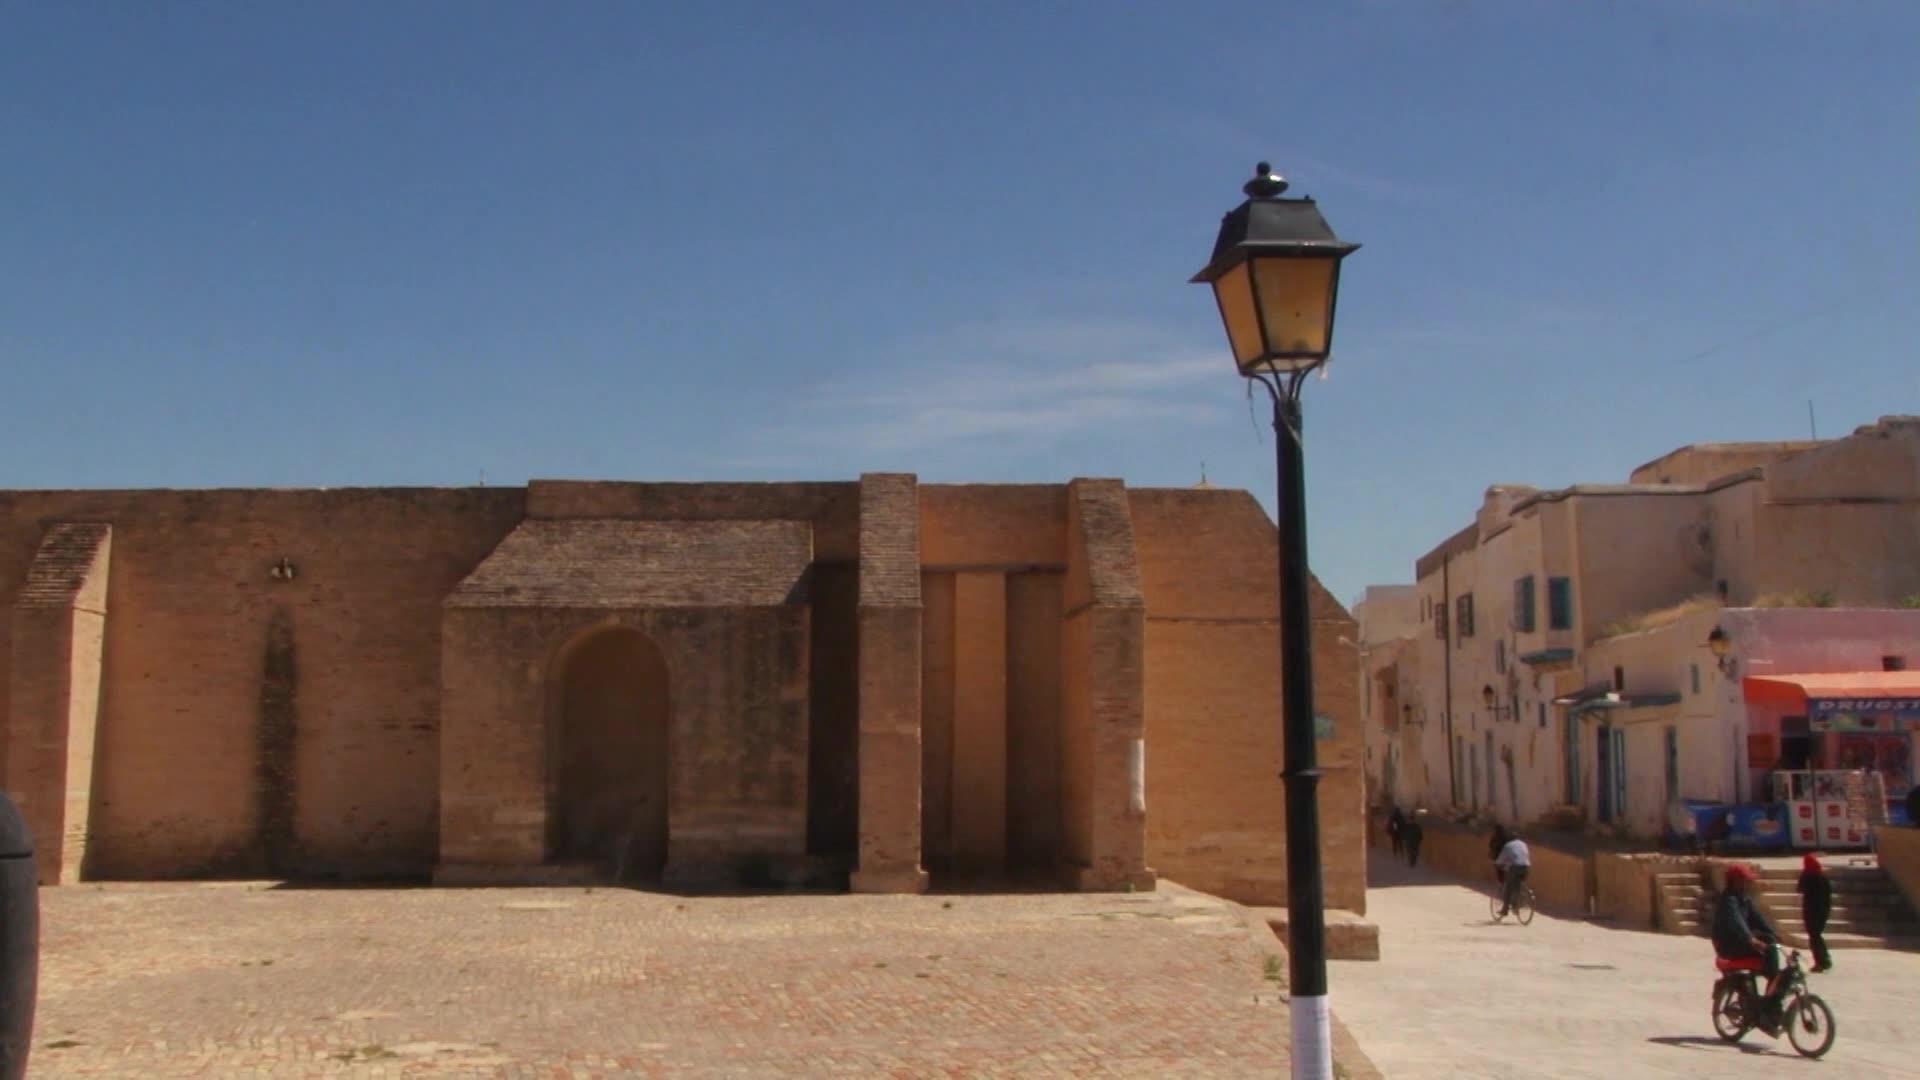 Мировая прогулка: Тунис - Серия 6